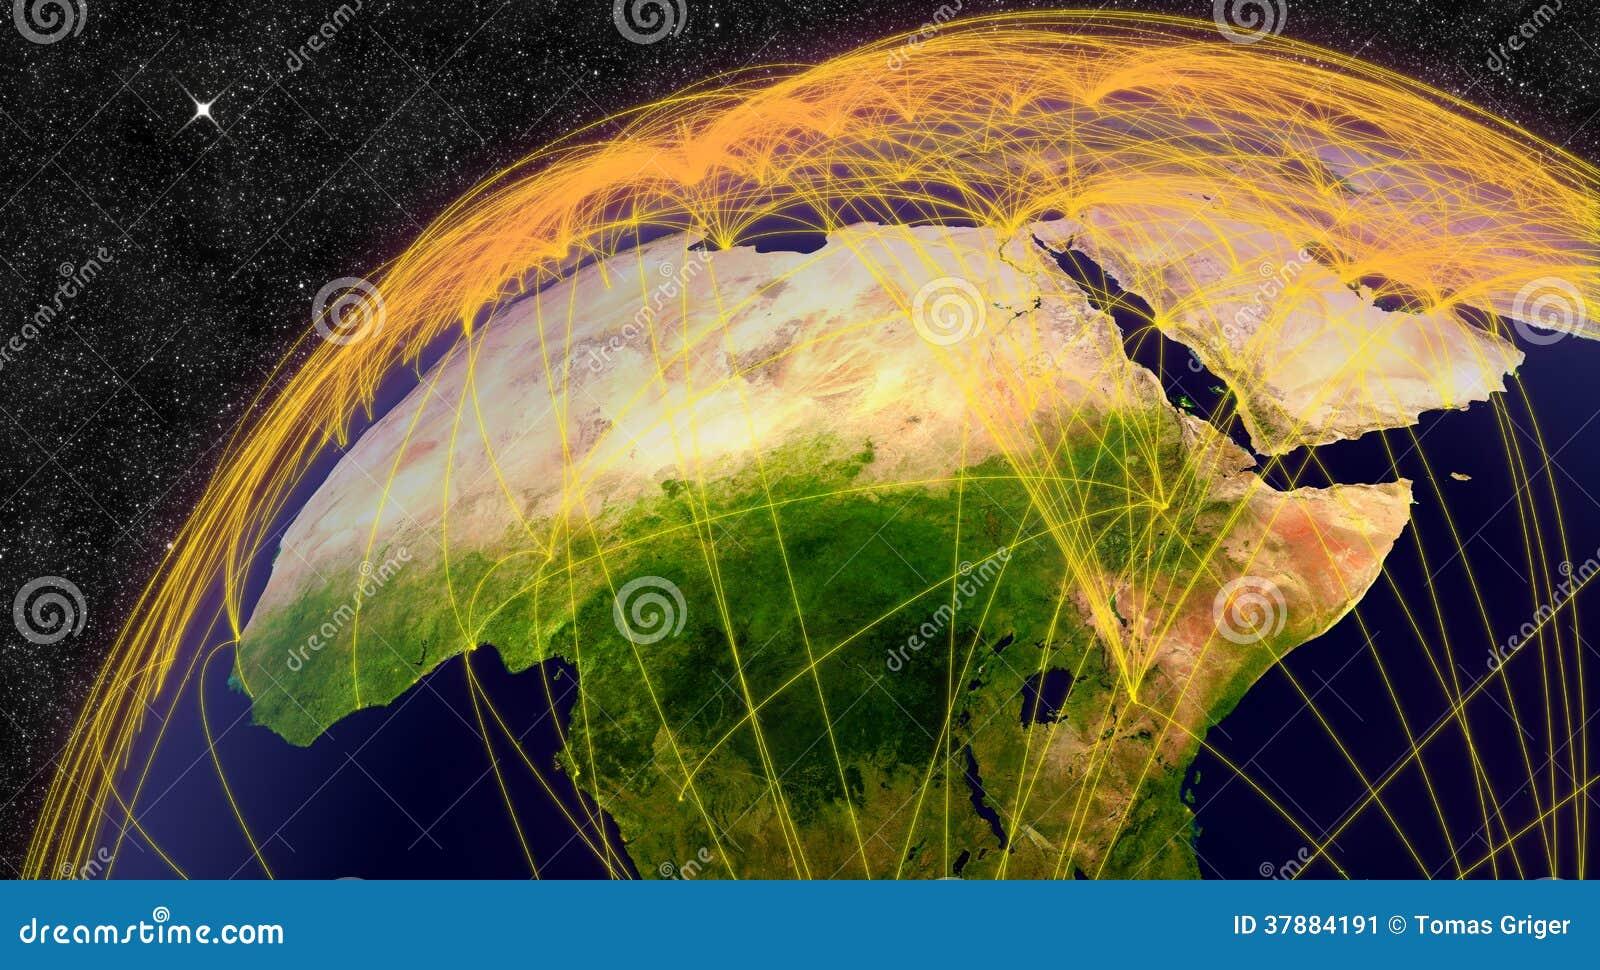 Luchtreis in Noord-Afrika